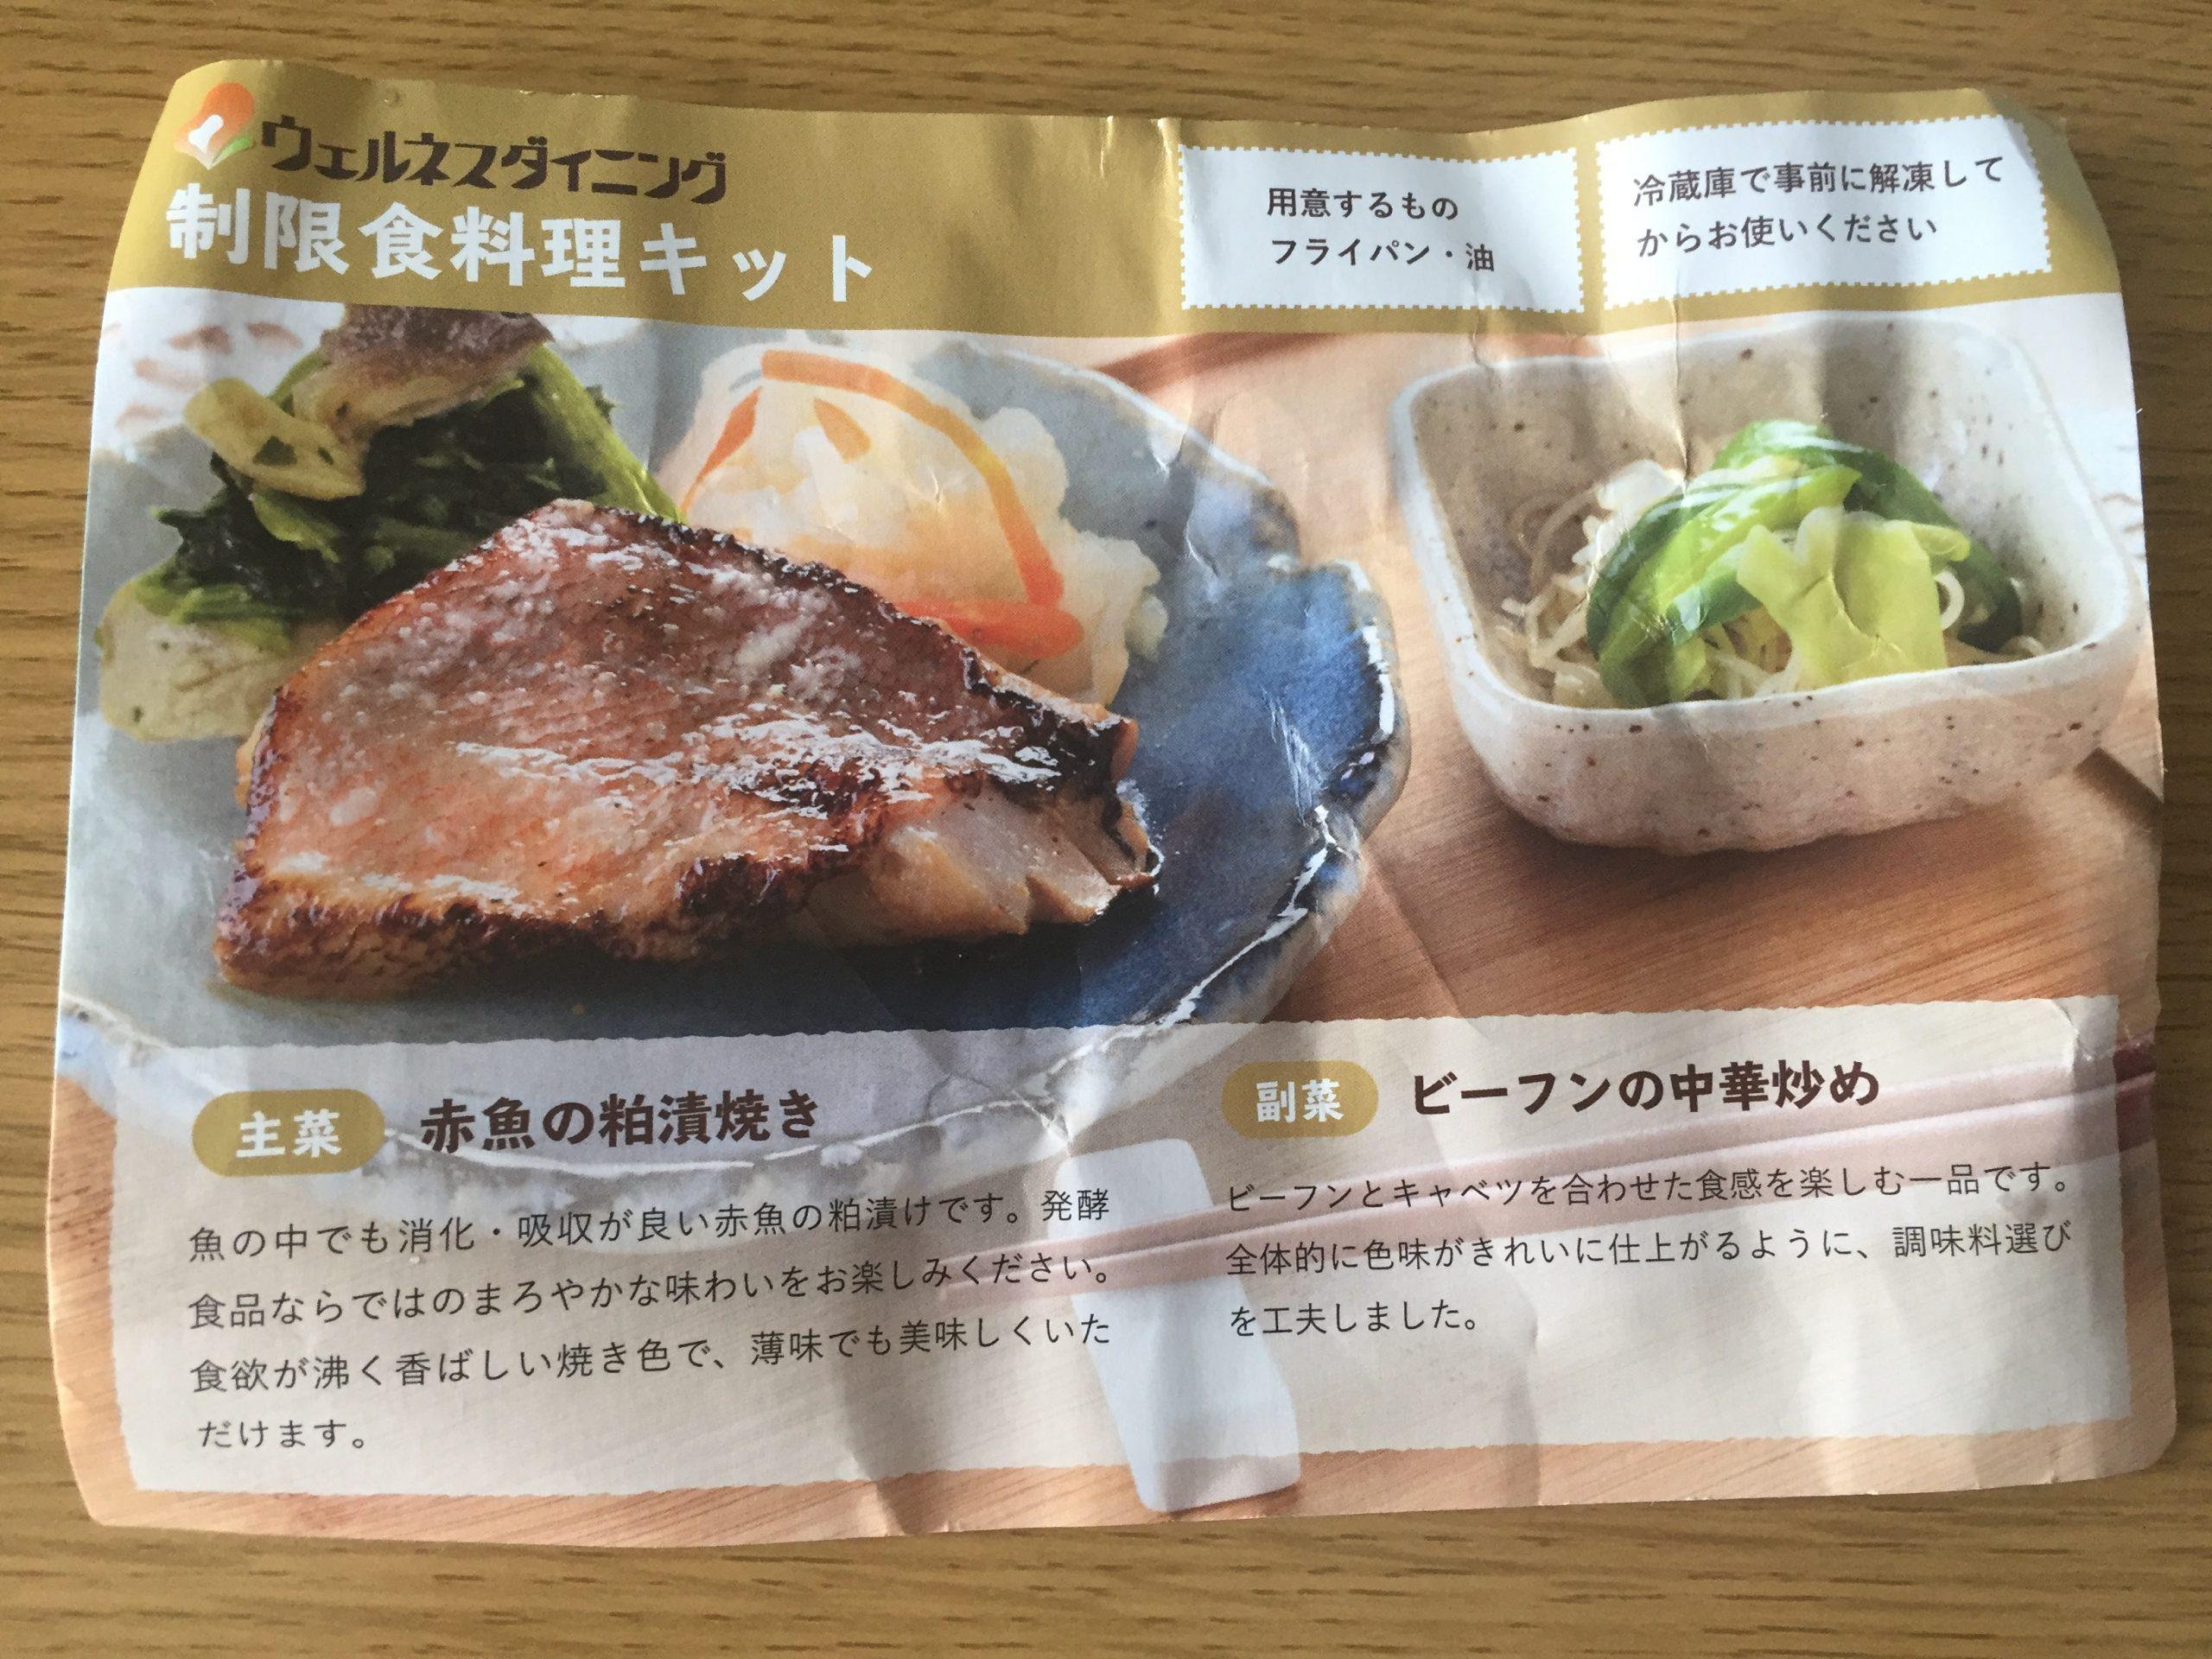 赤魚の粕漬焼きとビーフンの中華炒めの紙